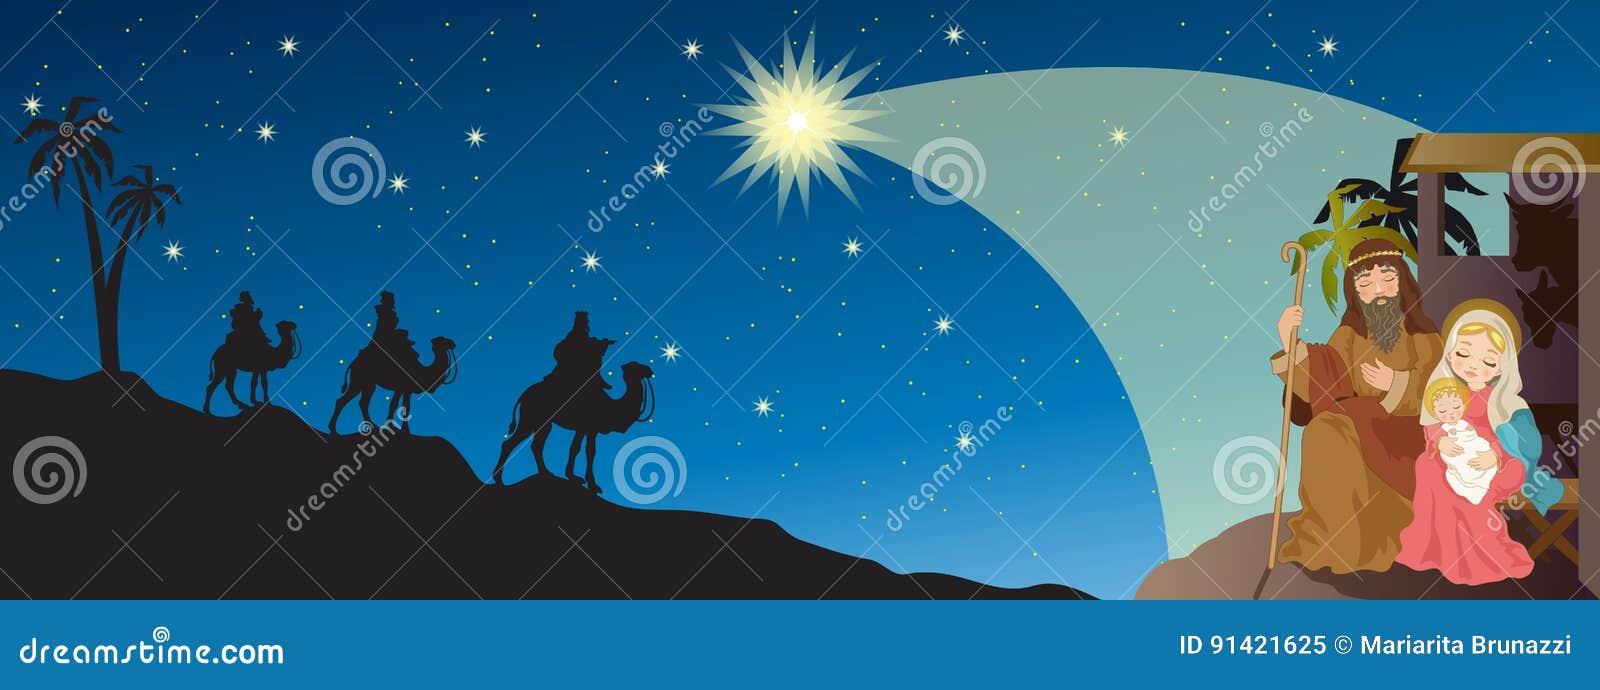 Jesus-Geburt Christi vektor abbildung. Illustration von weihnachten ...